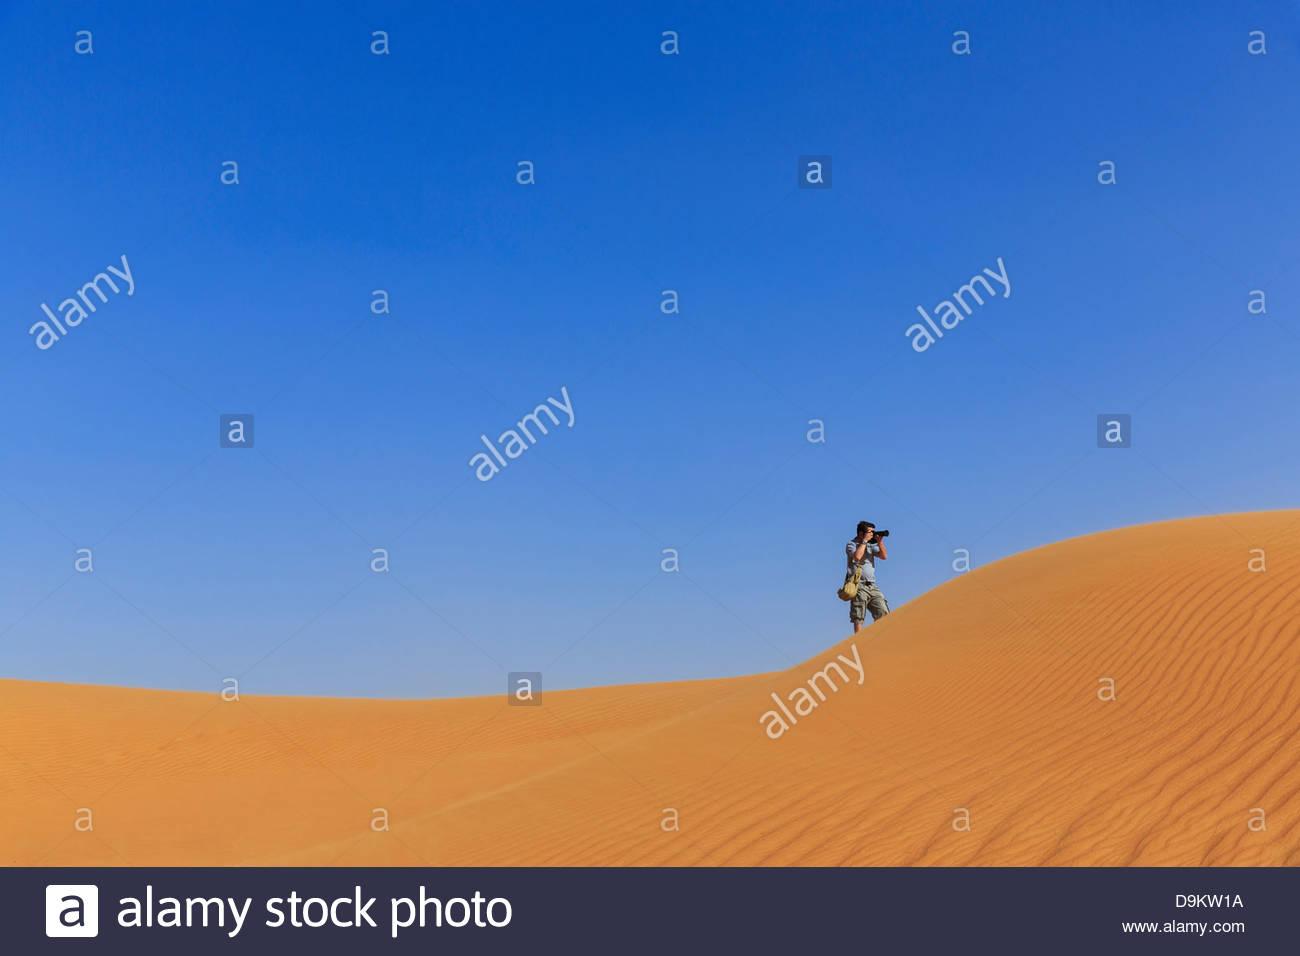 Mann Fotografieren in Sanddünen in der Wüste, Dubai, Vereinigte Arabische Emirate Stockbild